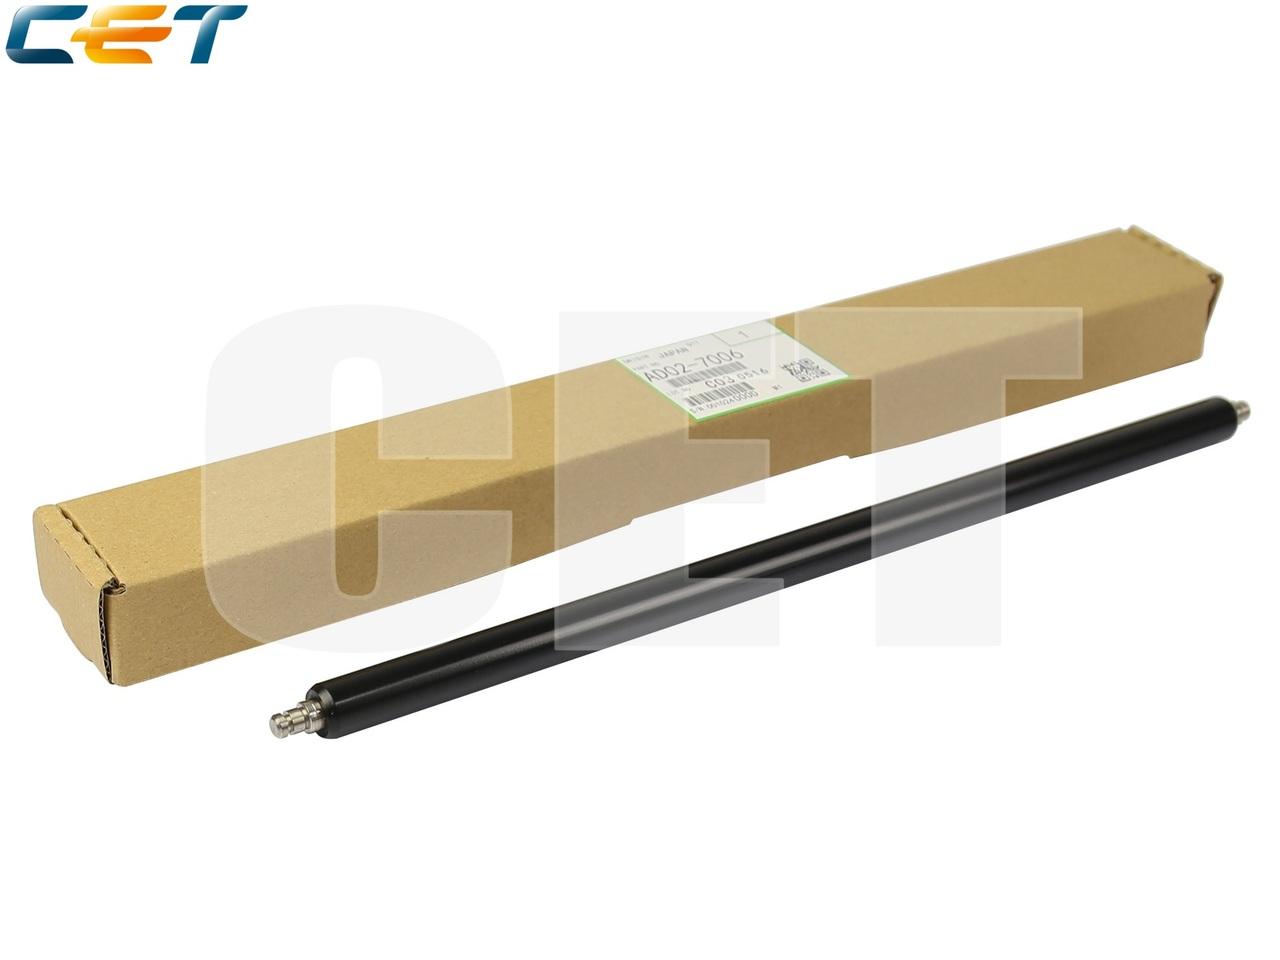 Ролик заряда AD02-7006, AD02-7012, AD02-7012 для RICOHAficio 1035/1045 (CET), CET6259